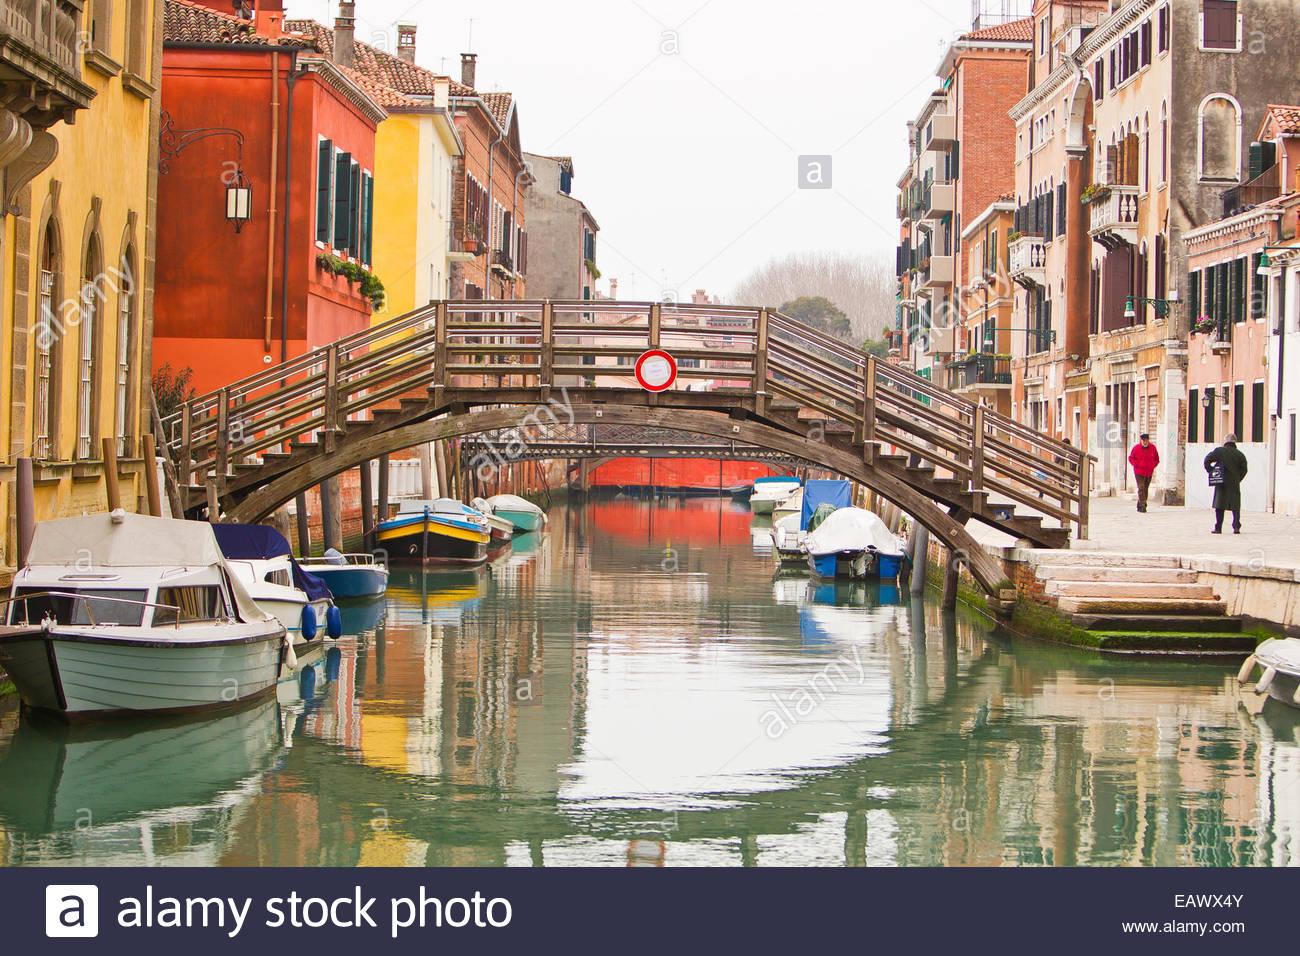 Edificios de la época renacentista, barcos y un puente de madera coloridas fundido reflexiones sobre un canal Imagen De Stock